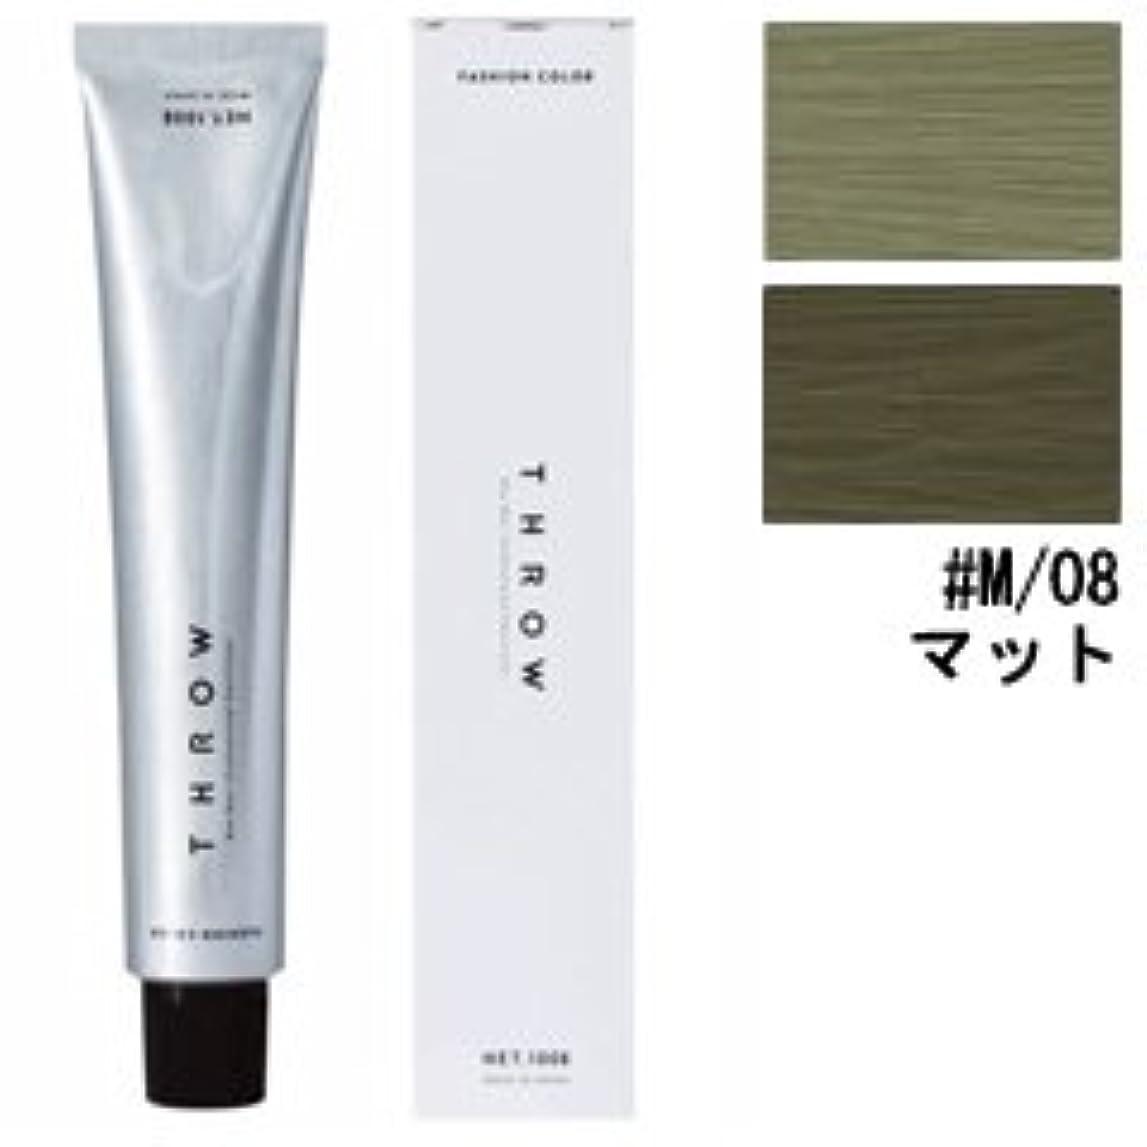 作る抵抗型【モルトベーネ】スロウ ファッションカラー #M/08 マット 100g